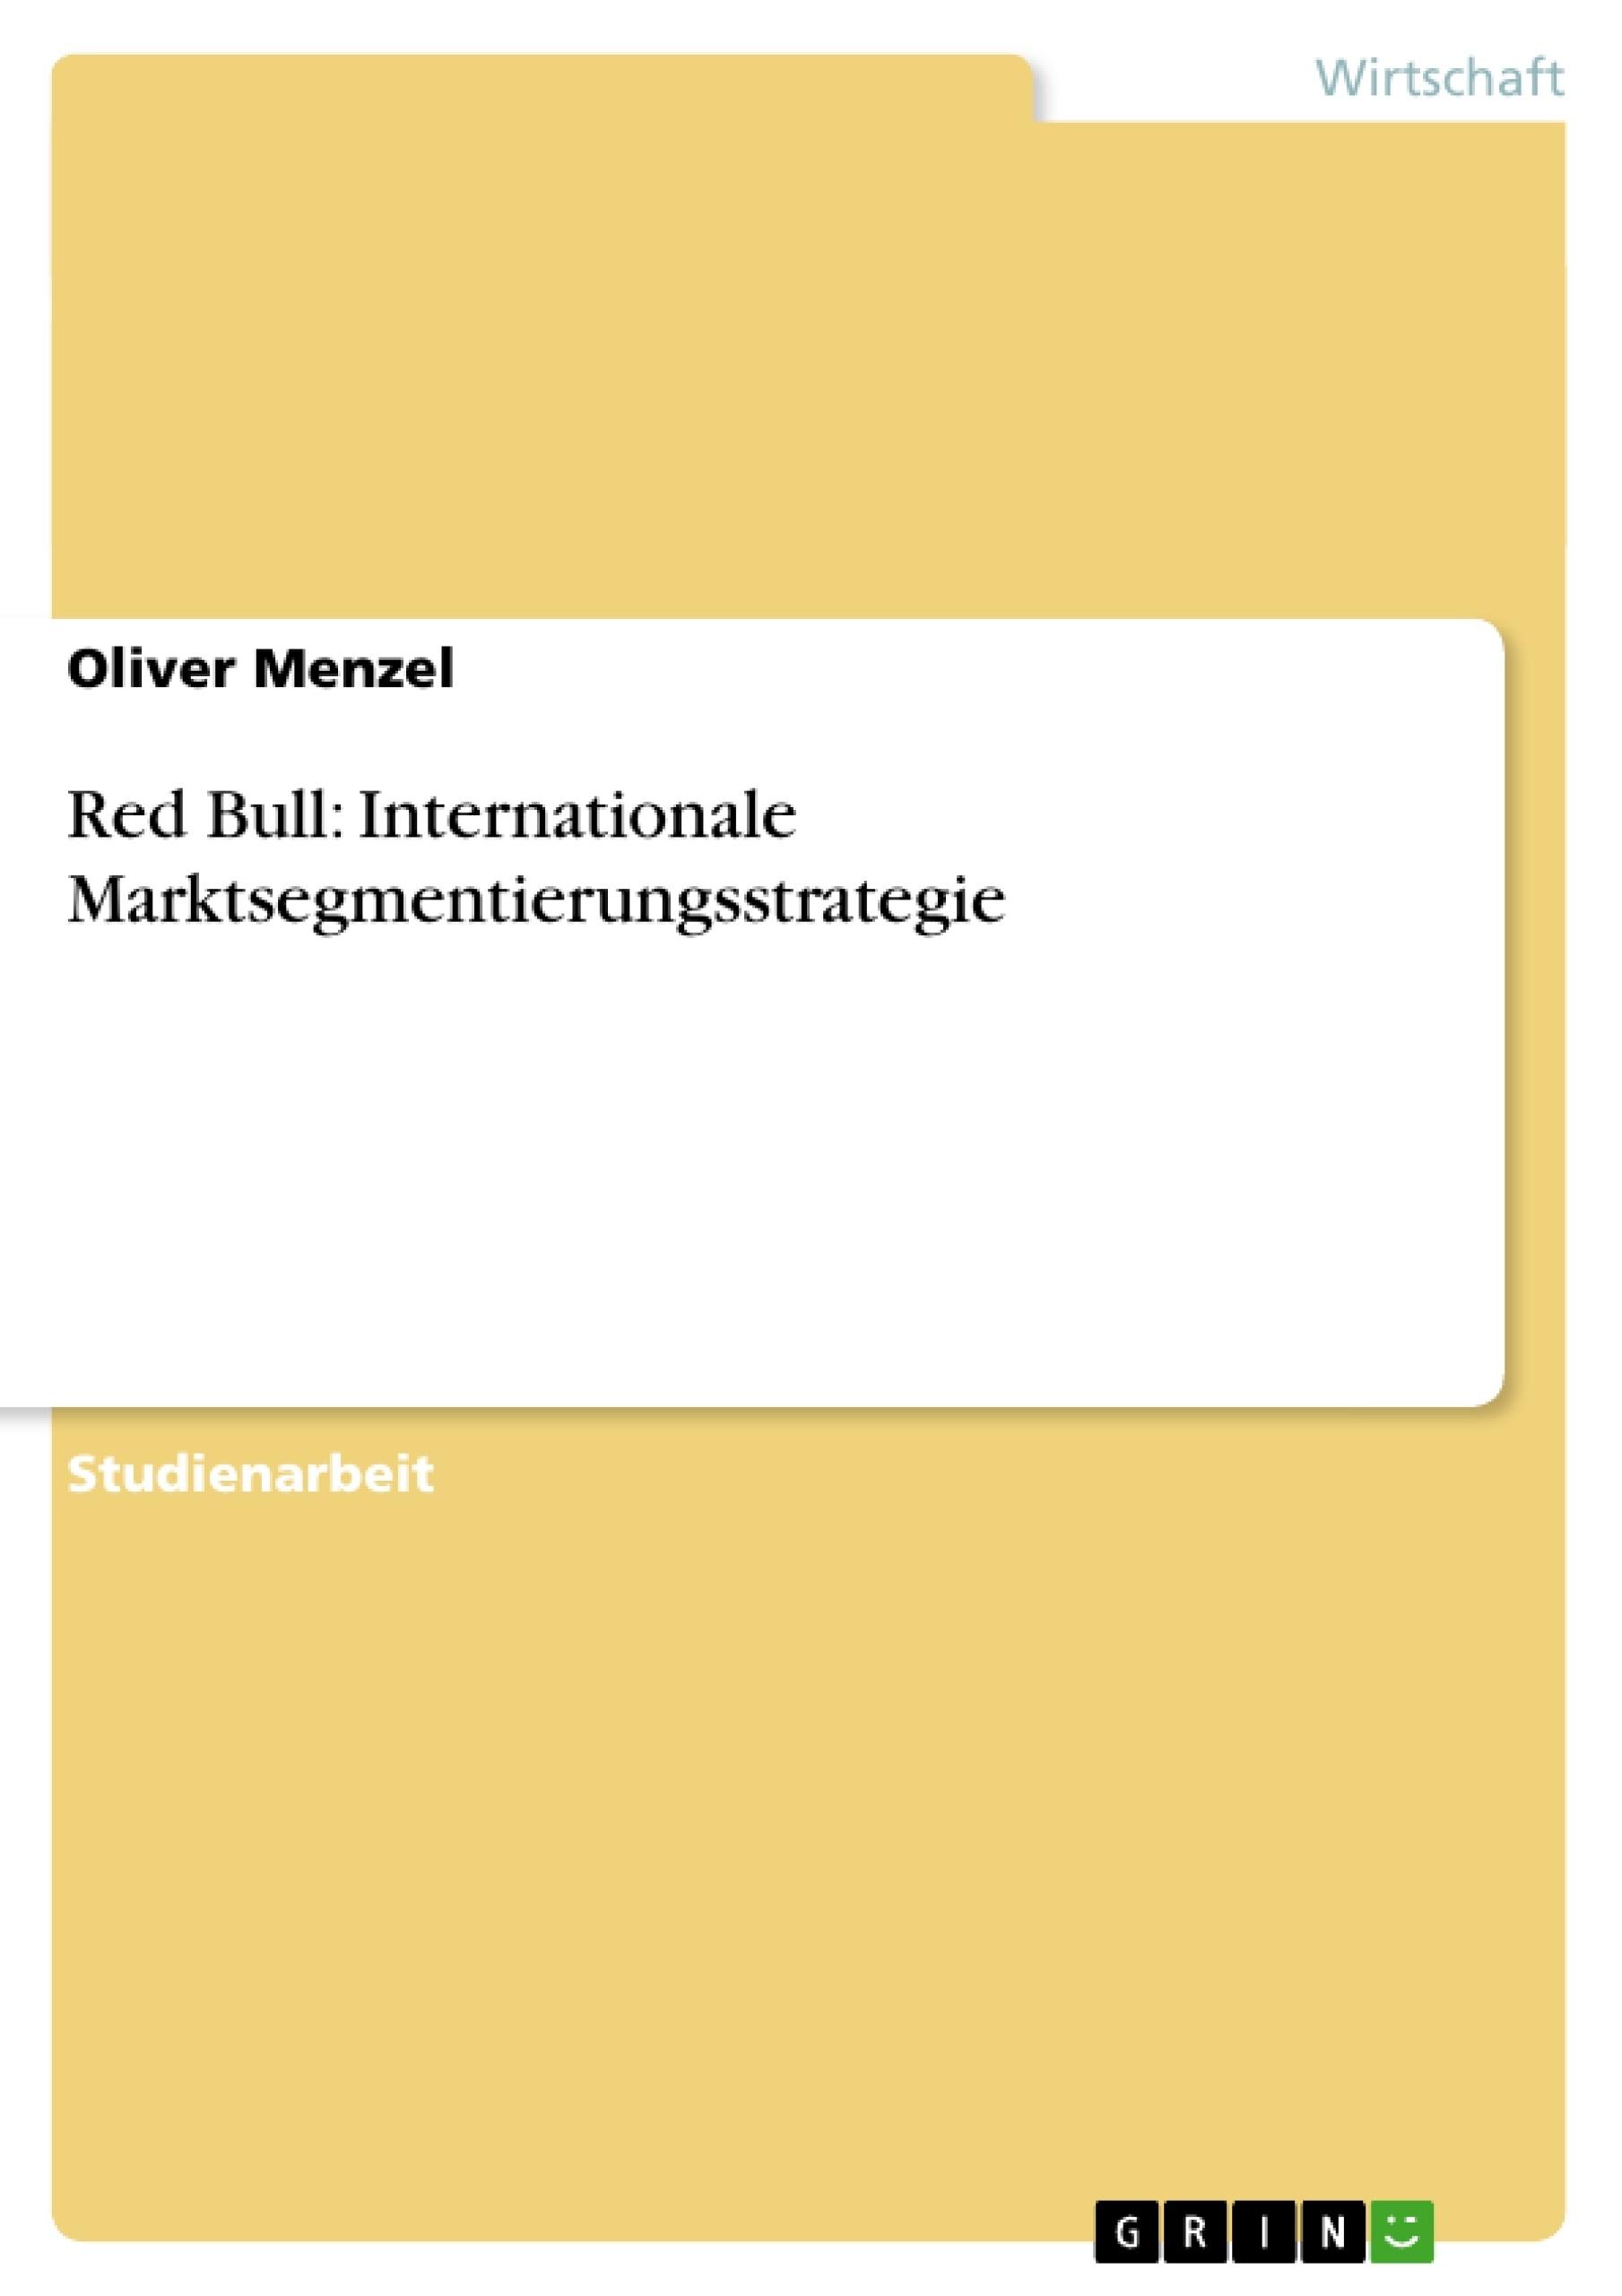 Titel: Red Bull: Internationale Marktsegmentierungsstrategie